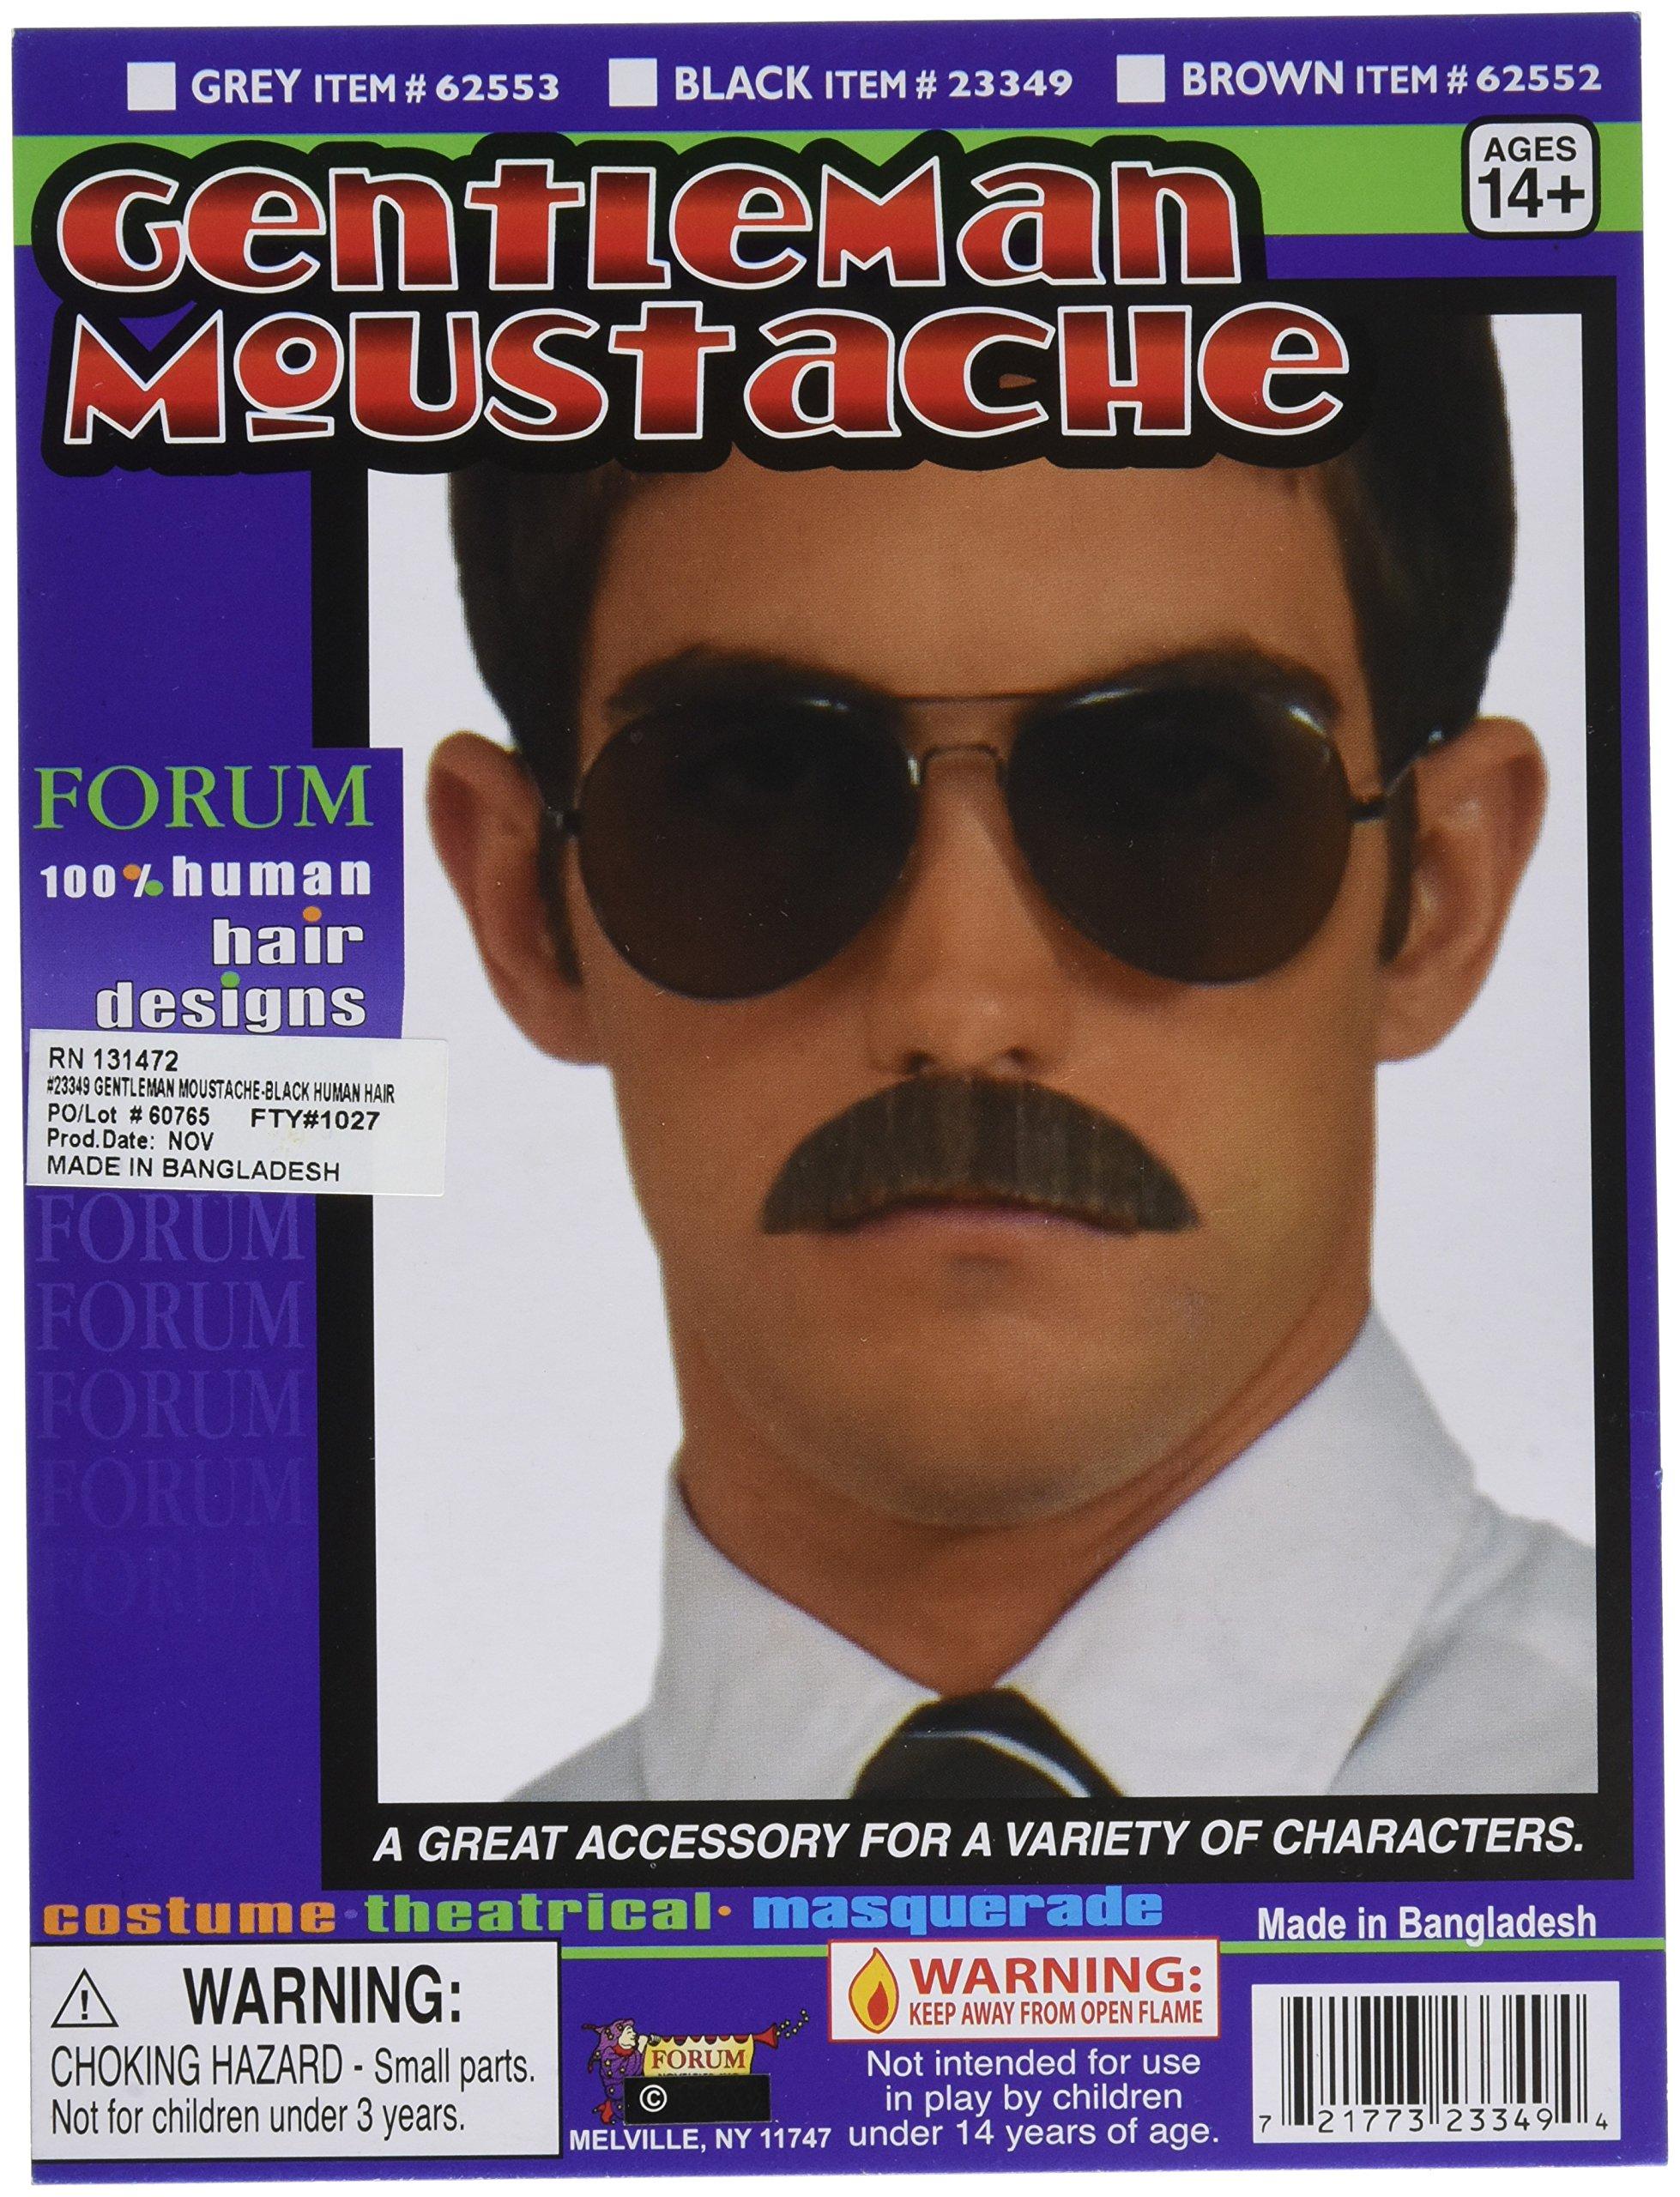 Forum Novelties 23349 Gentleman Moustache, Black